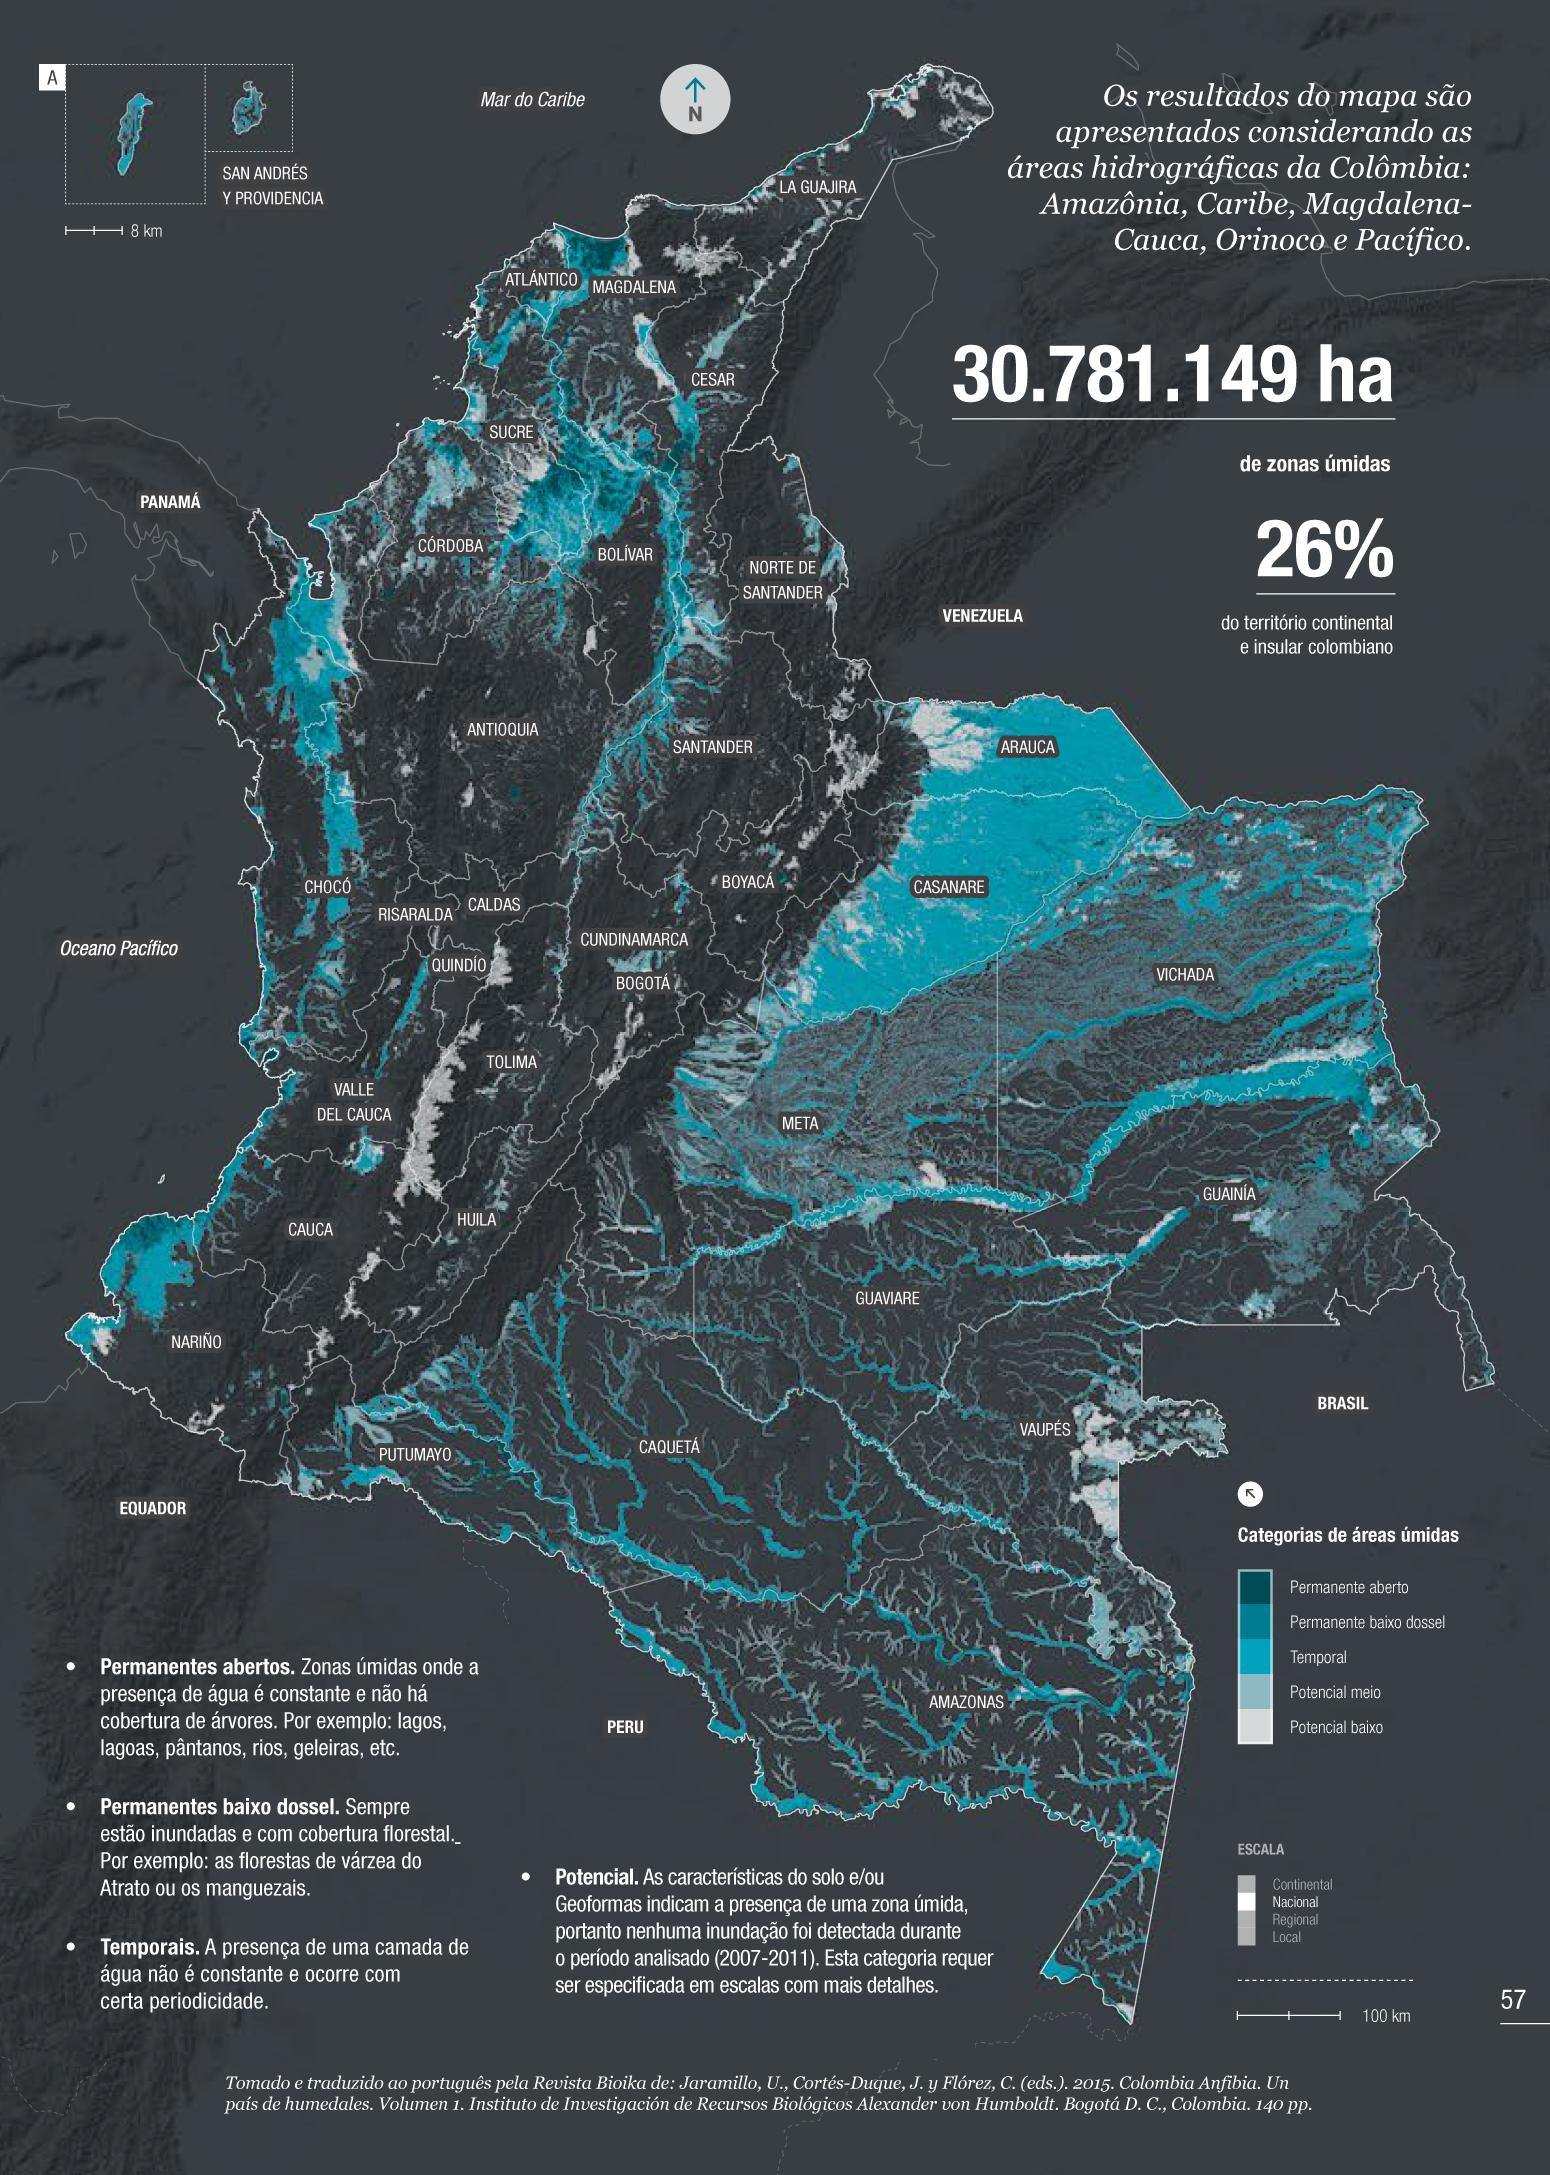 Áreas úmidas da Colômbia